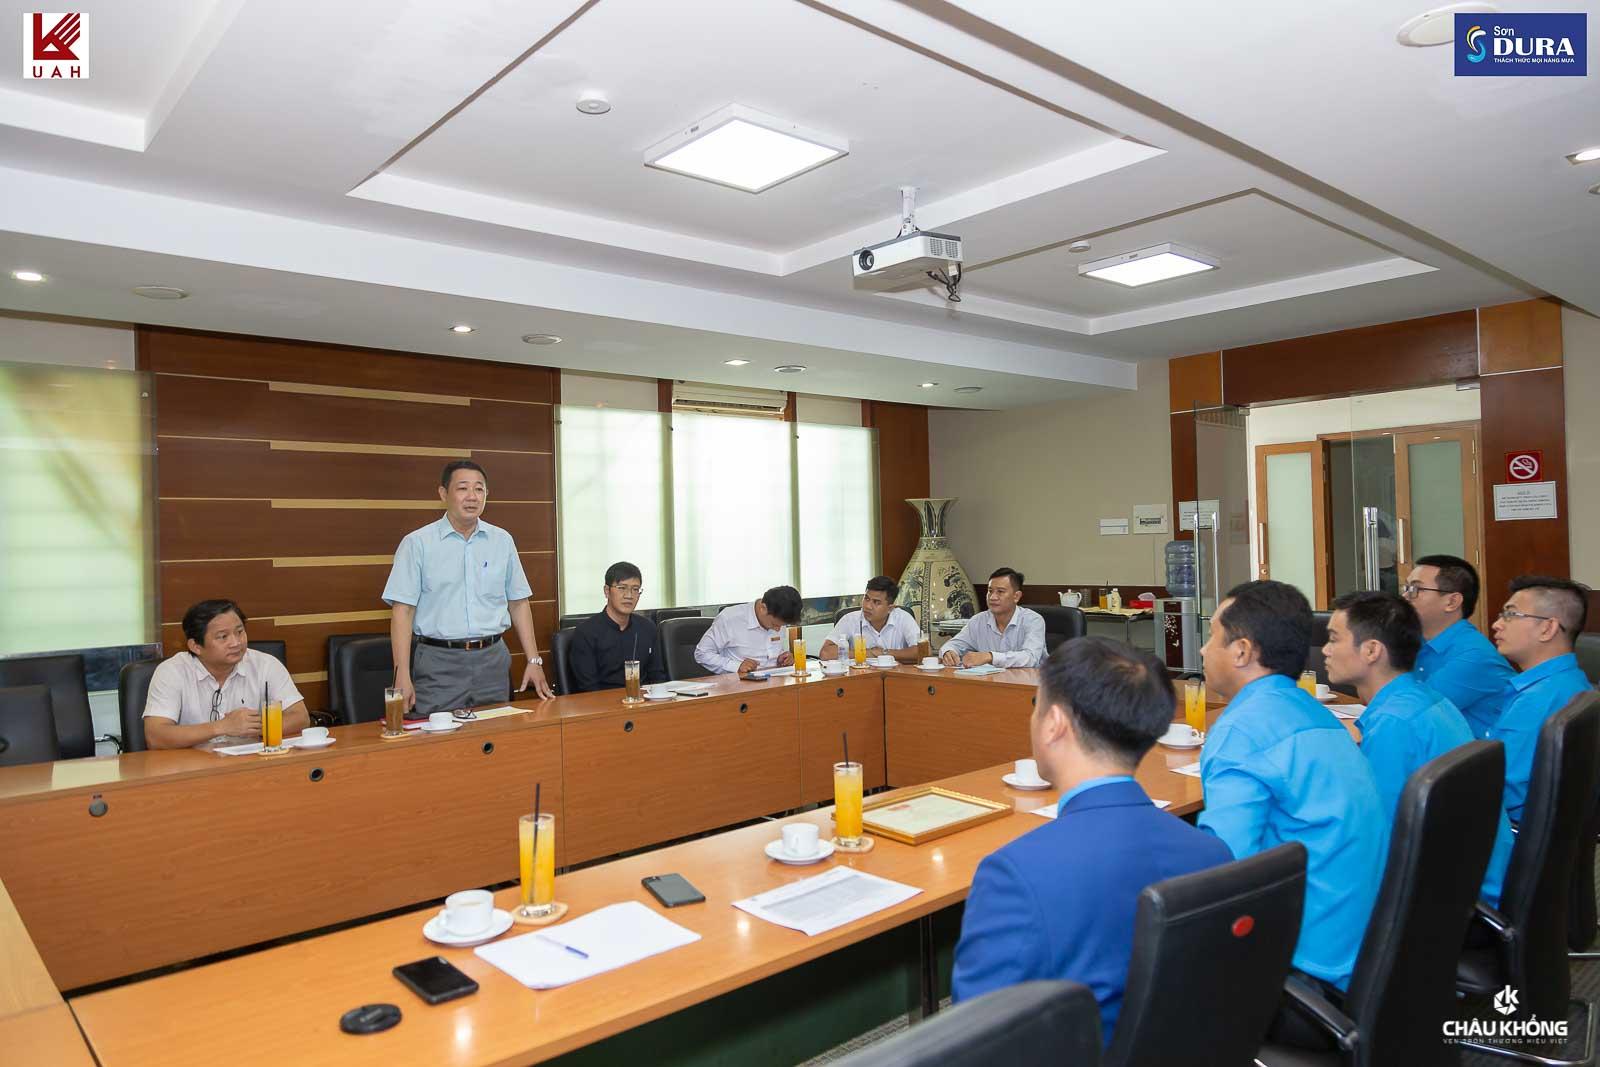 Thầy Ts. Nguyễn Hoàng Minh Vũ – Phó hiệu trưởng trường Đại học Kiến Trúc phát biểu tại buổi họp